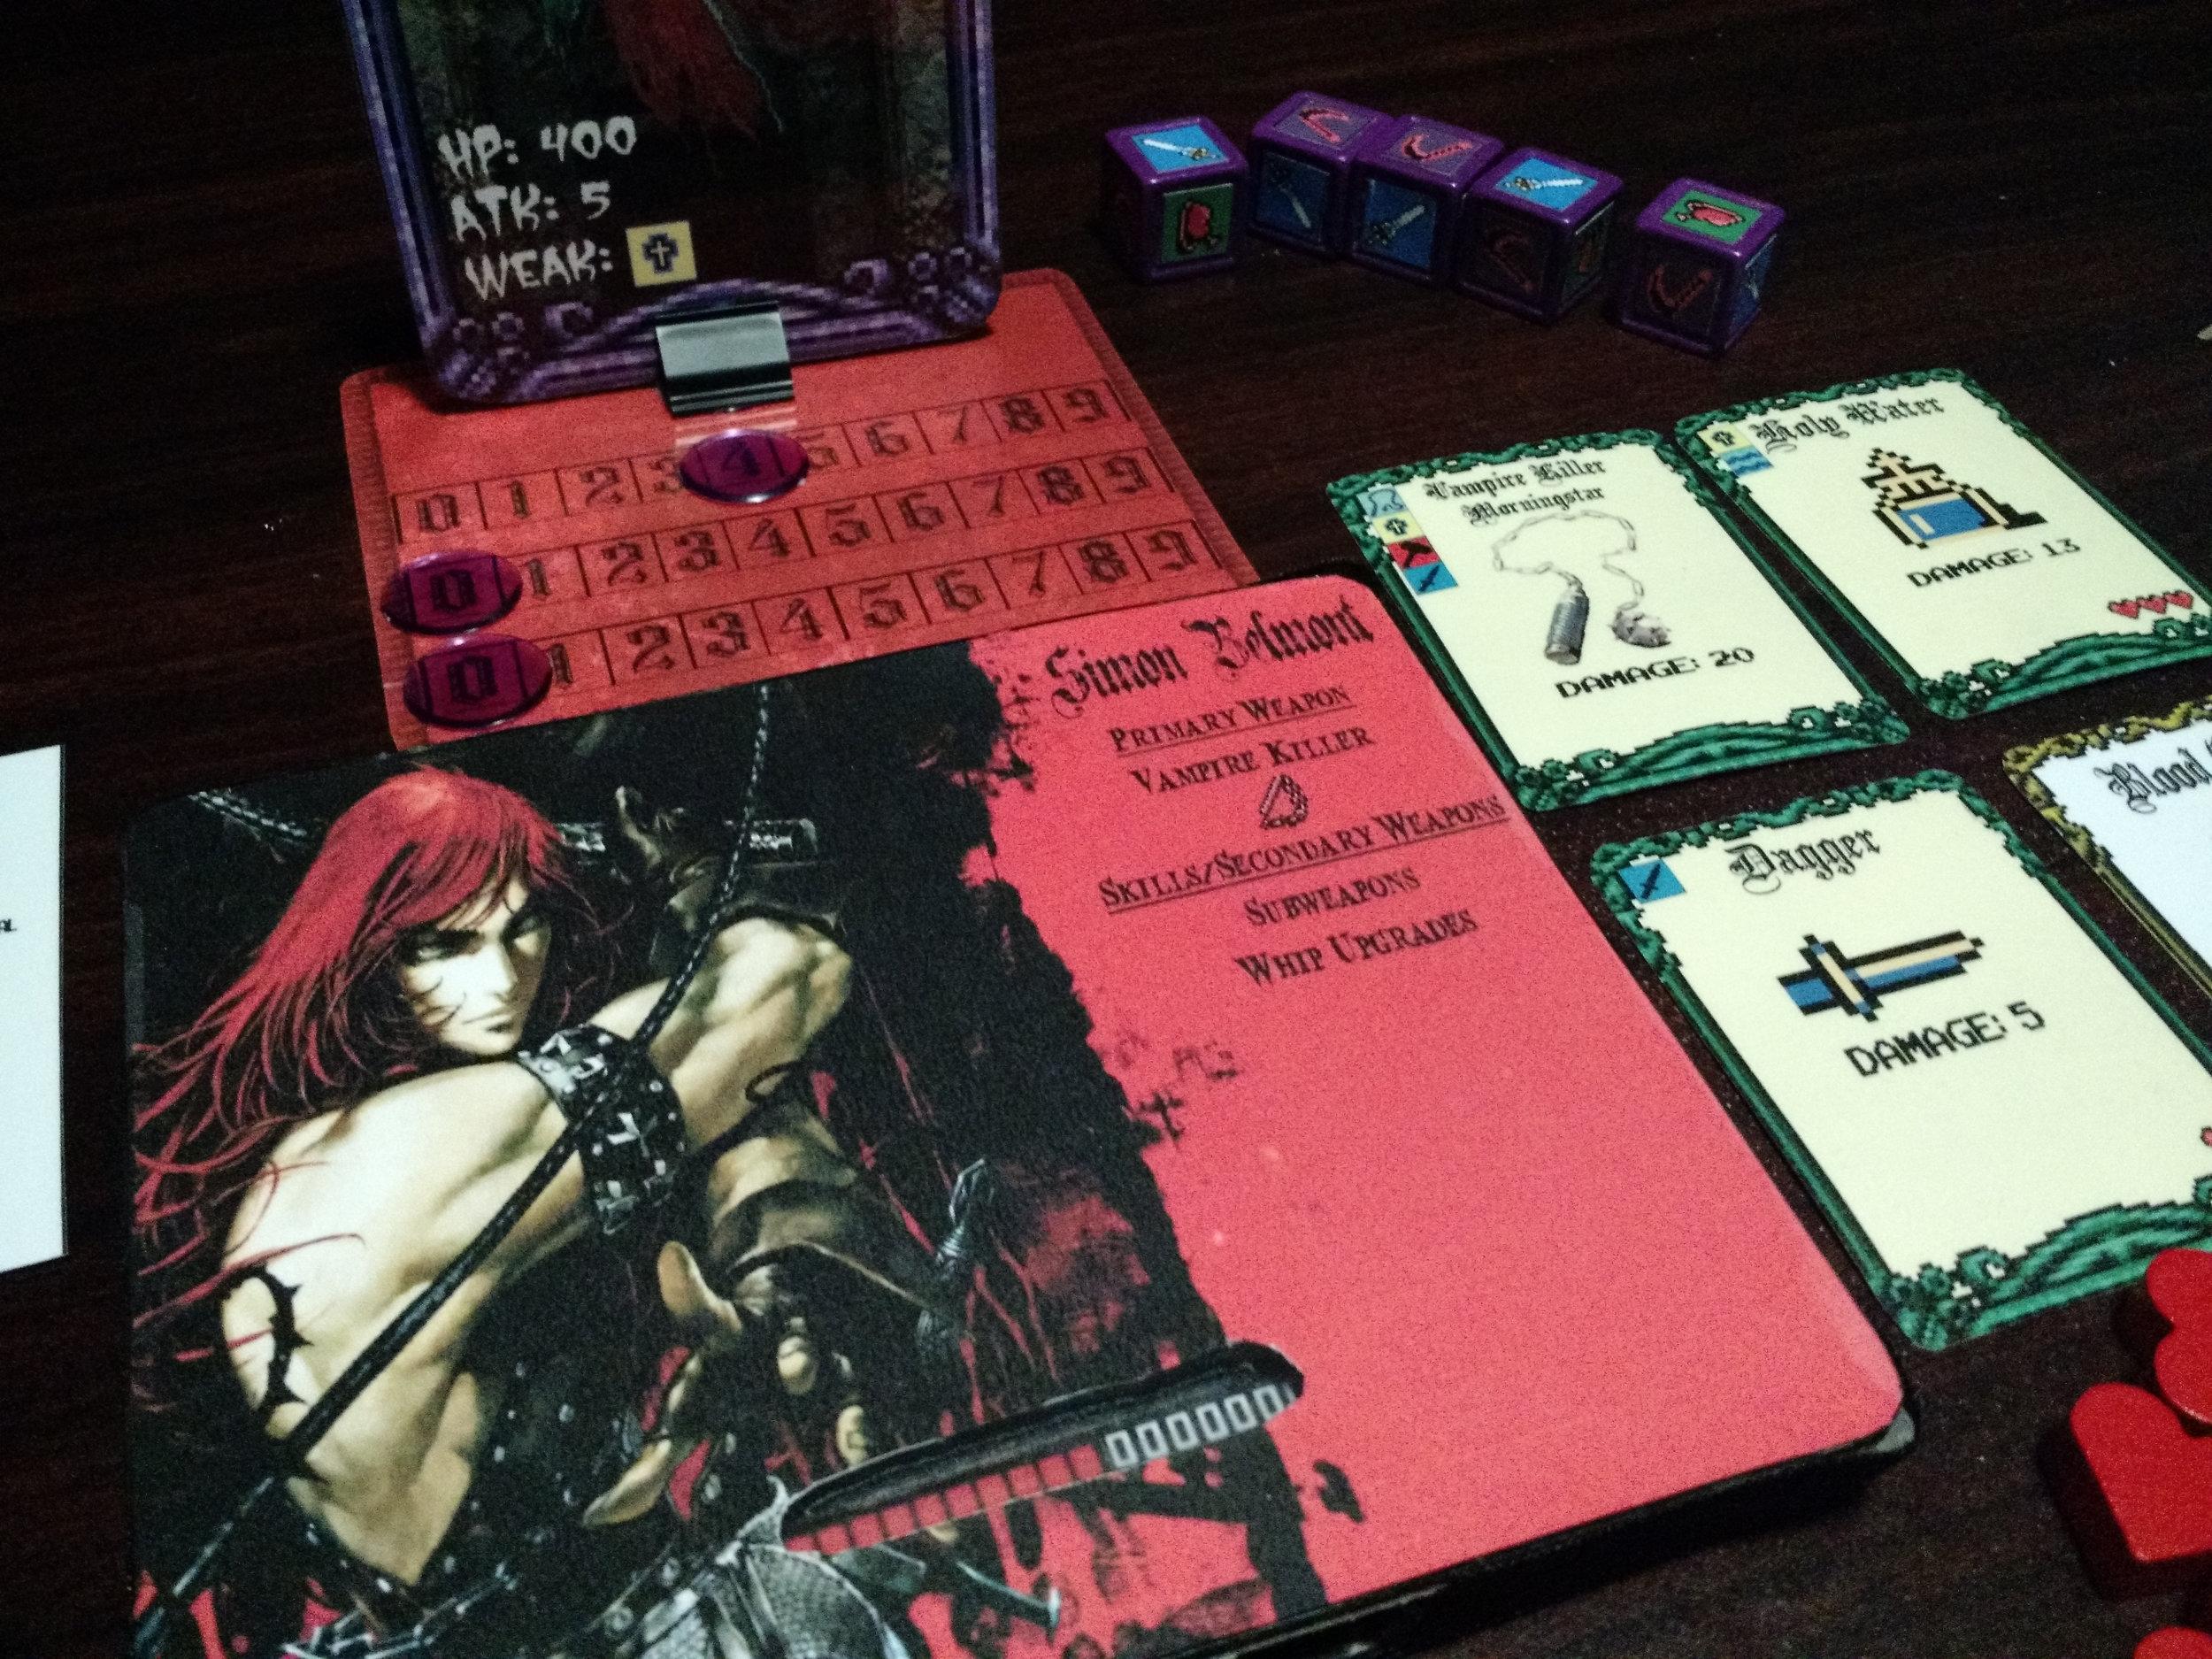 castlevania-board-game-2014-11-10-01.jpg